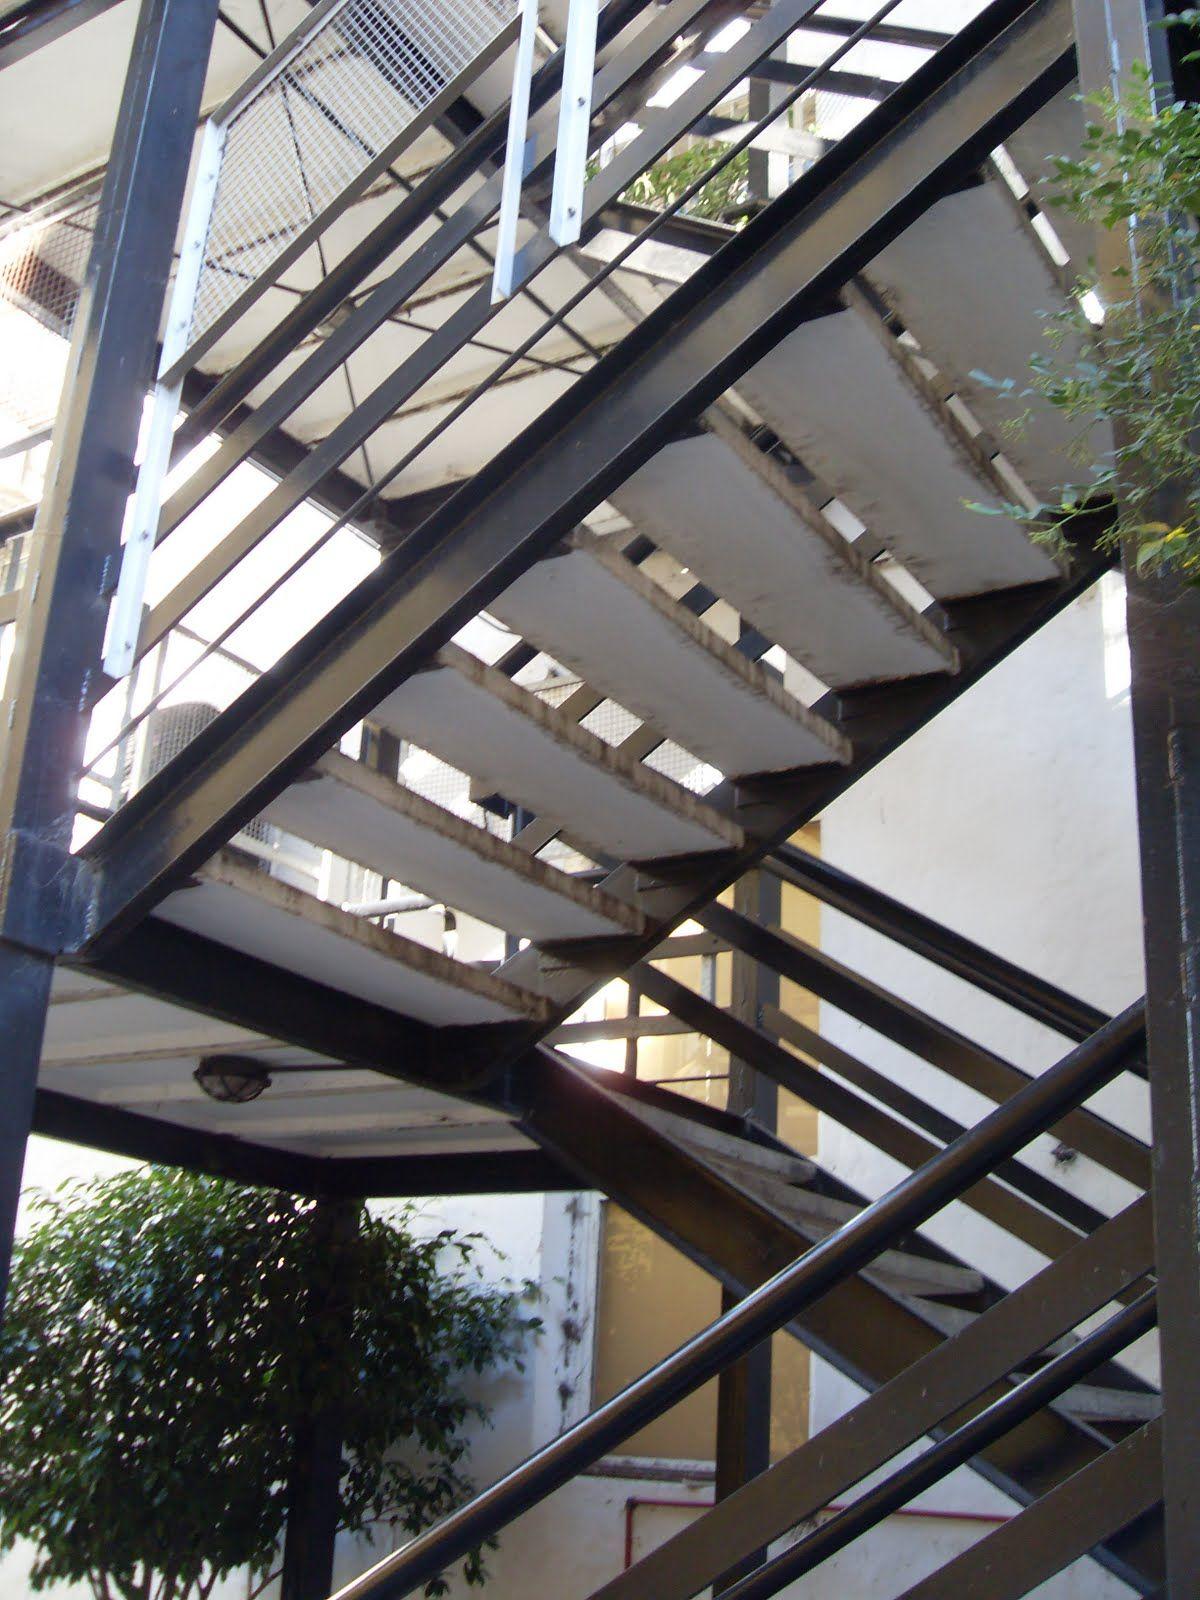 escaleras metalicas detalle tecnico buscar con google